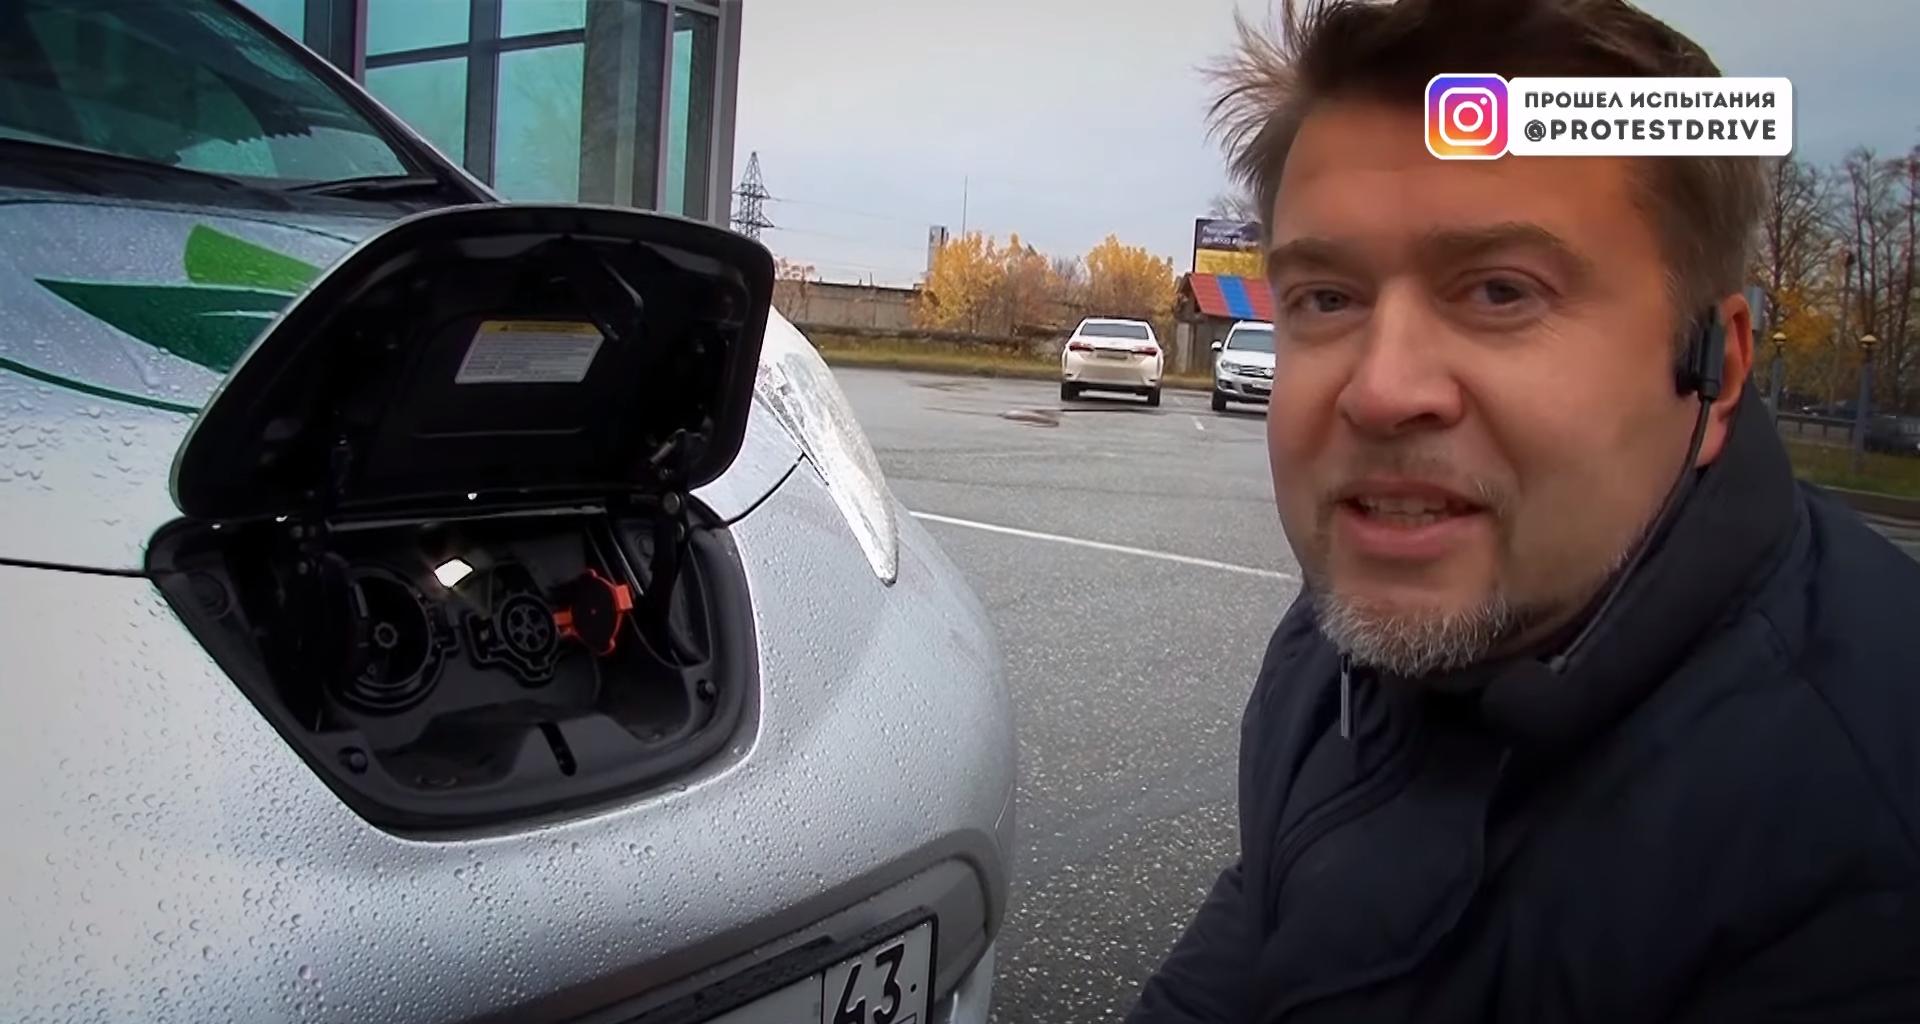 Обзор Виталия Трейдена на Nissan Leaf - как покажет себя электромобиль в кировскую осень?